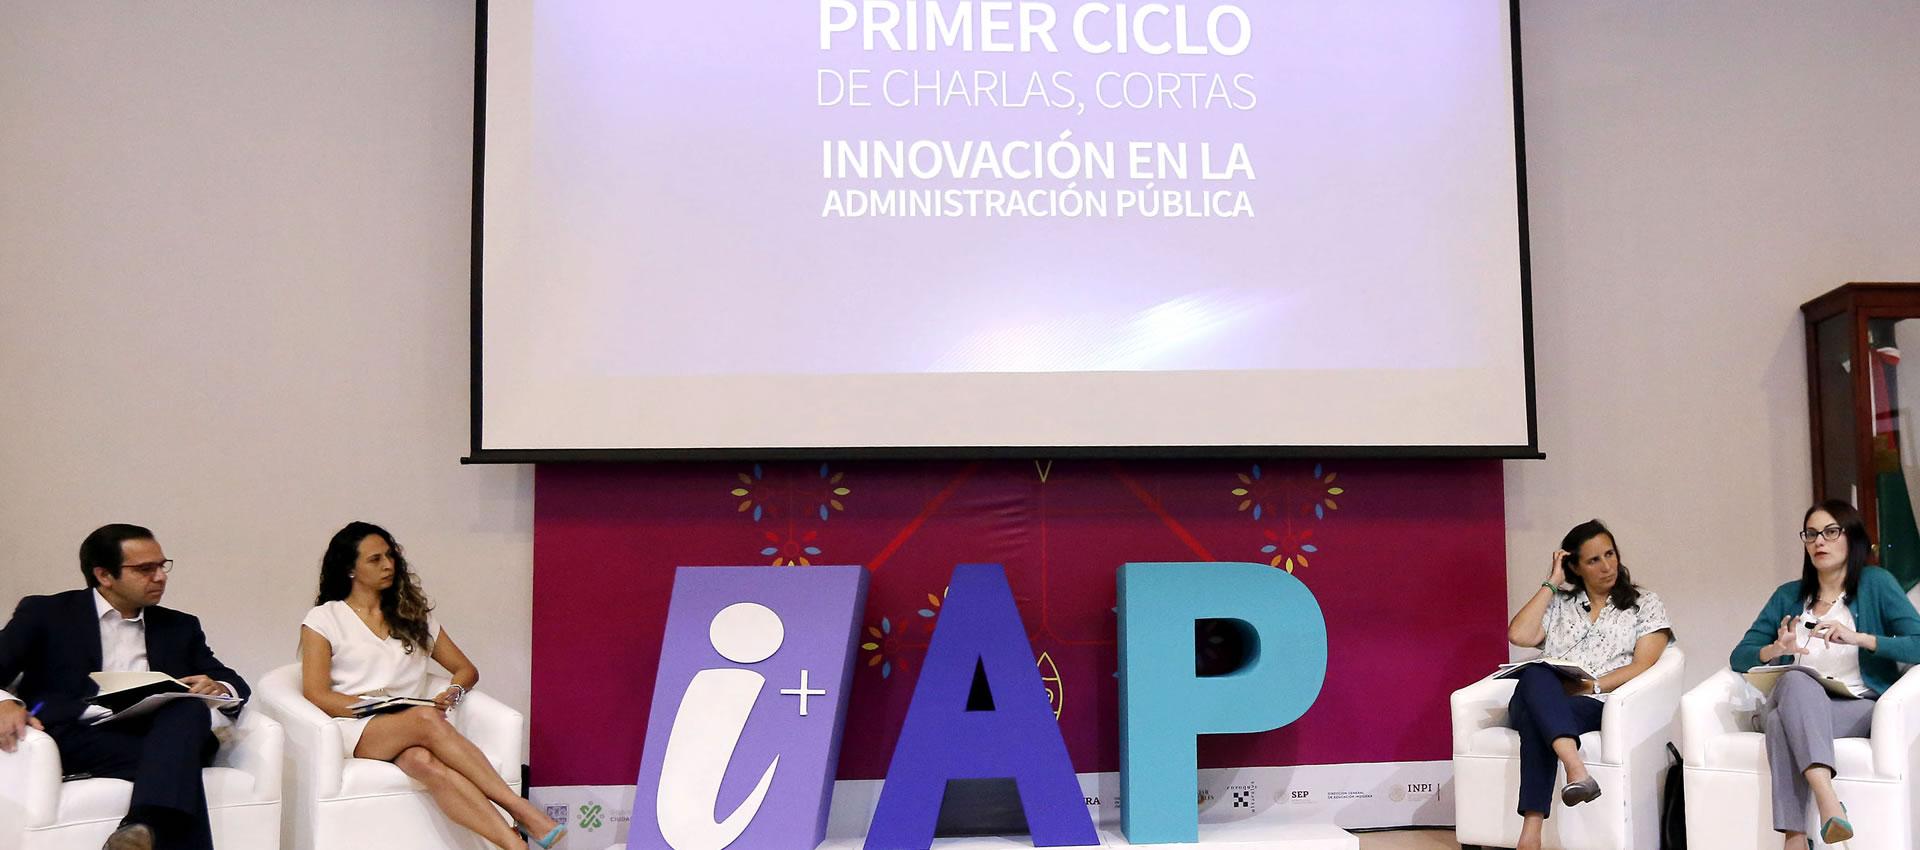 La Transparencia será fundamental para lograr la Innovación Gubernamental: Marina San Martín Rebolloso